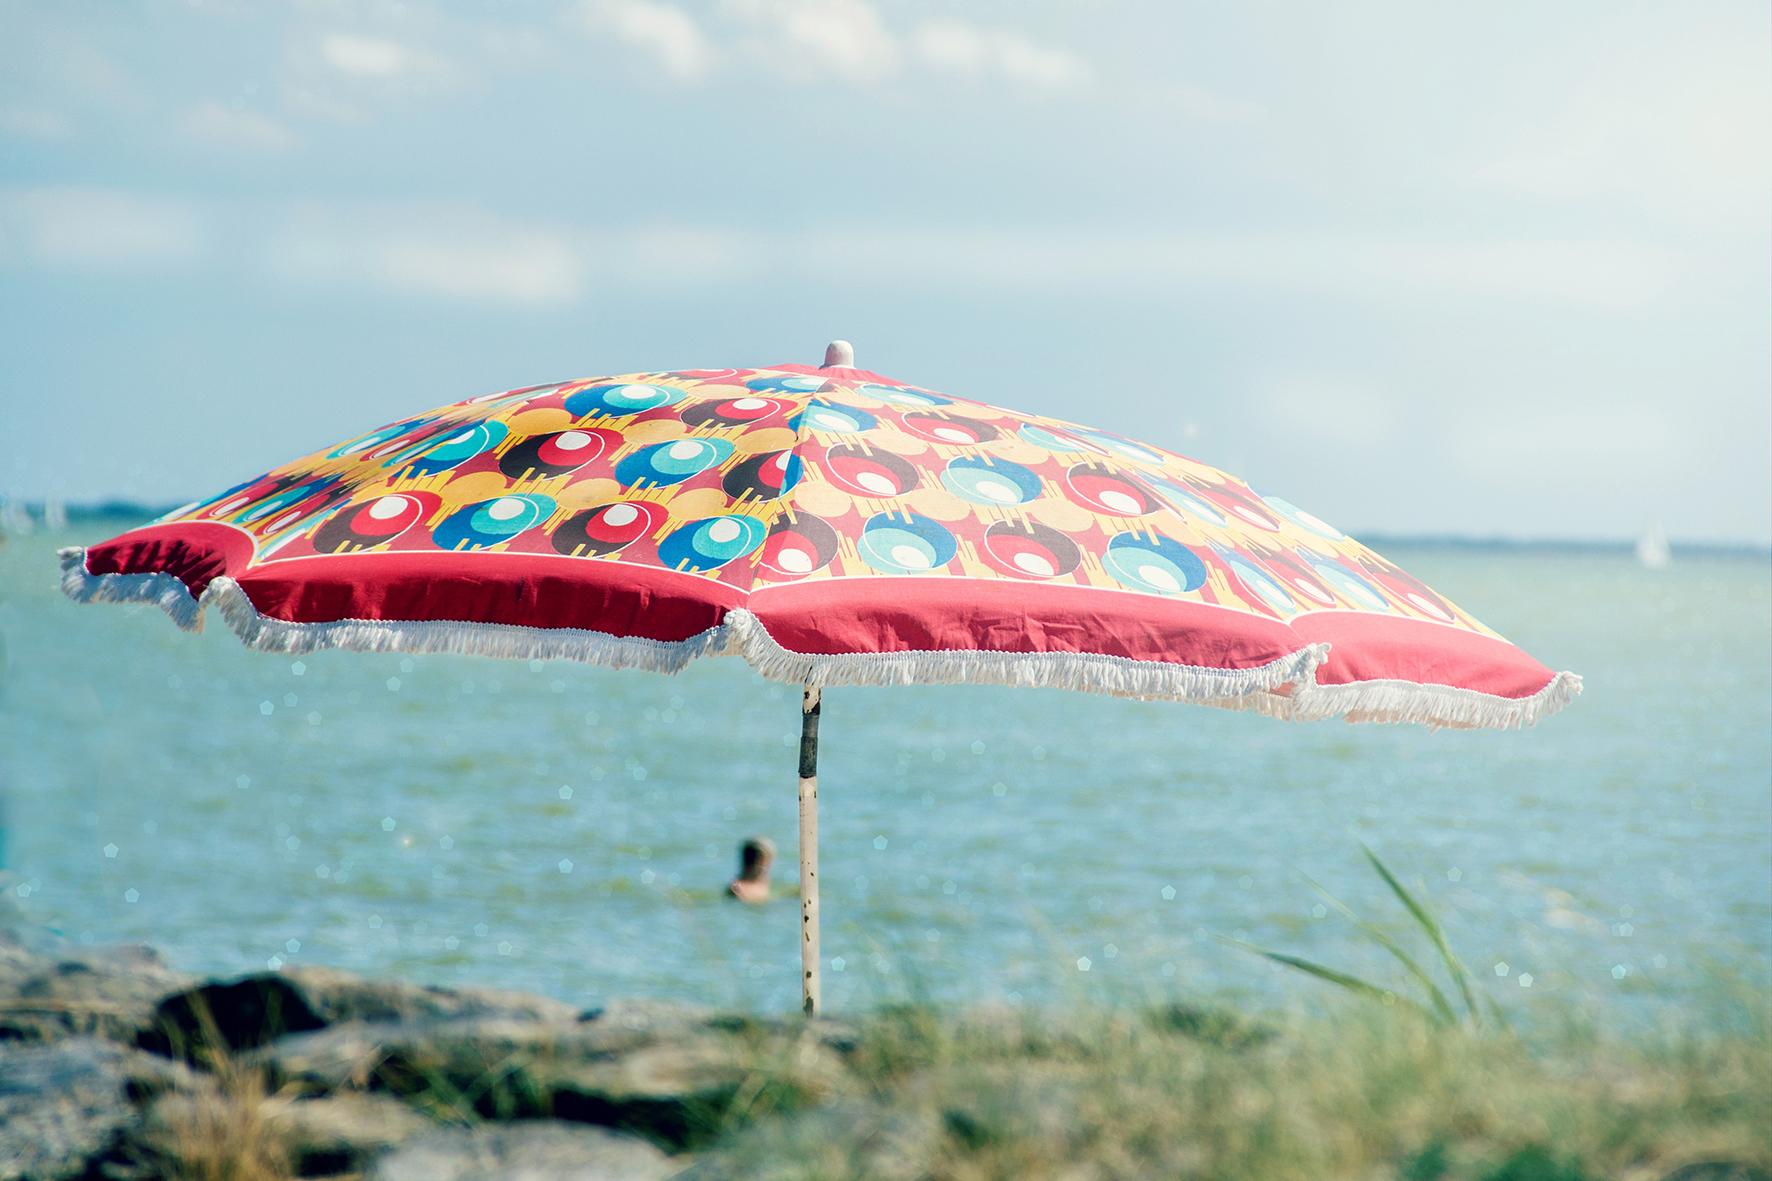 Op deze foto zie je een parasol en iemand lekker in het IJsselmeer zwemmen